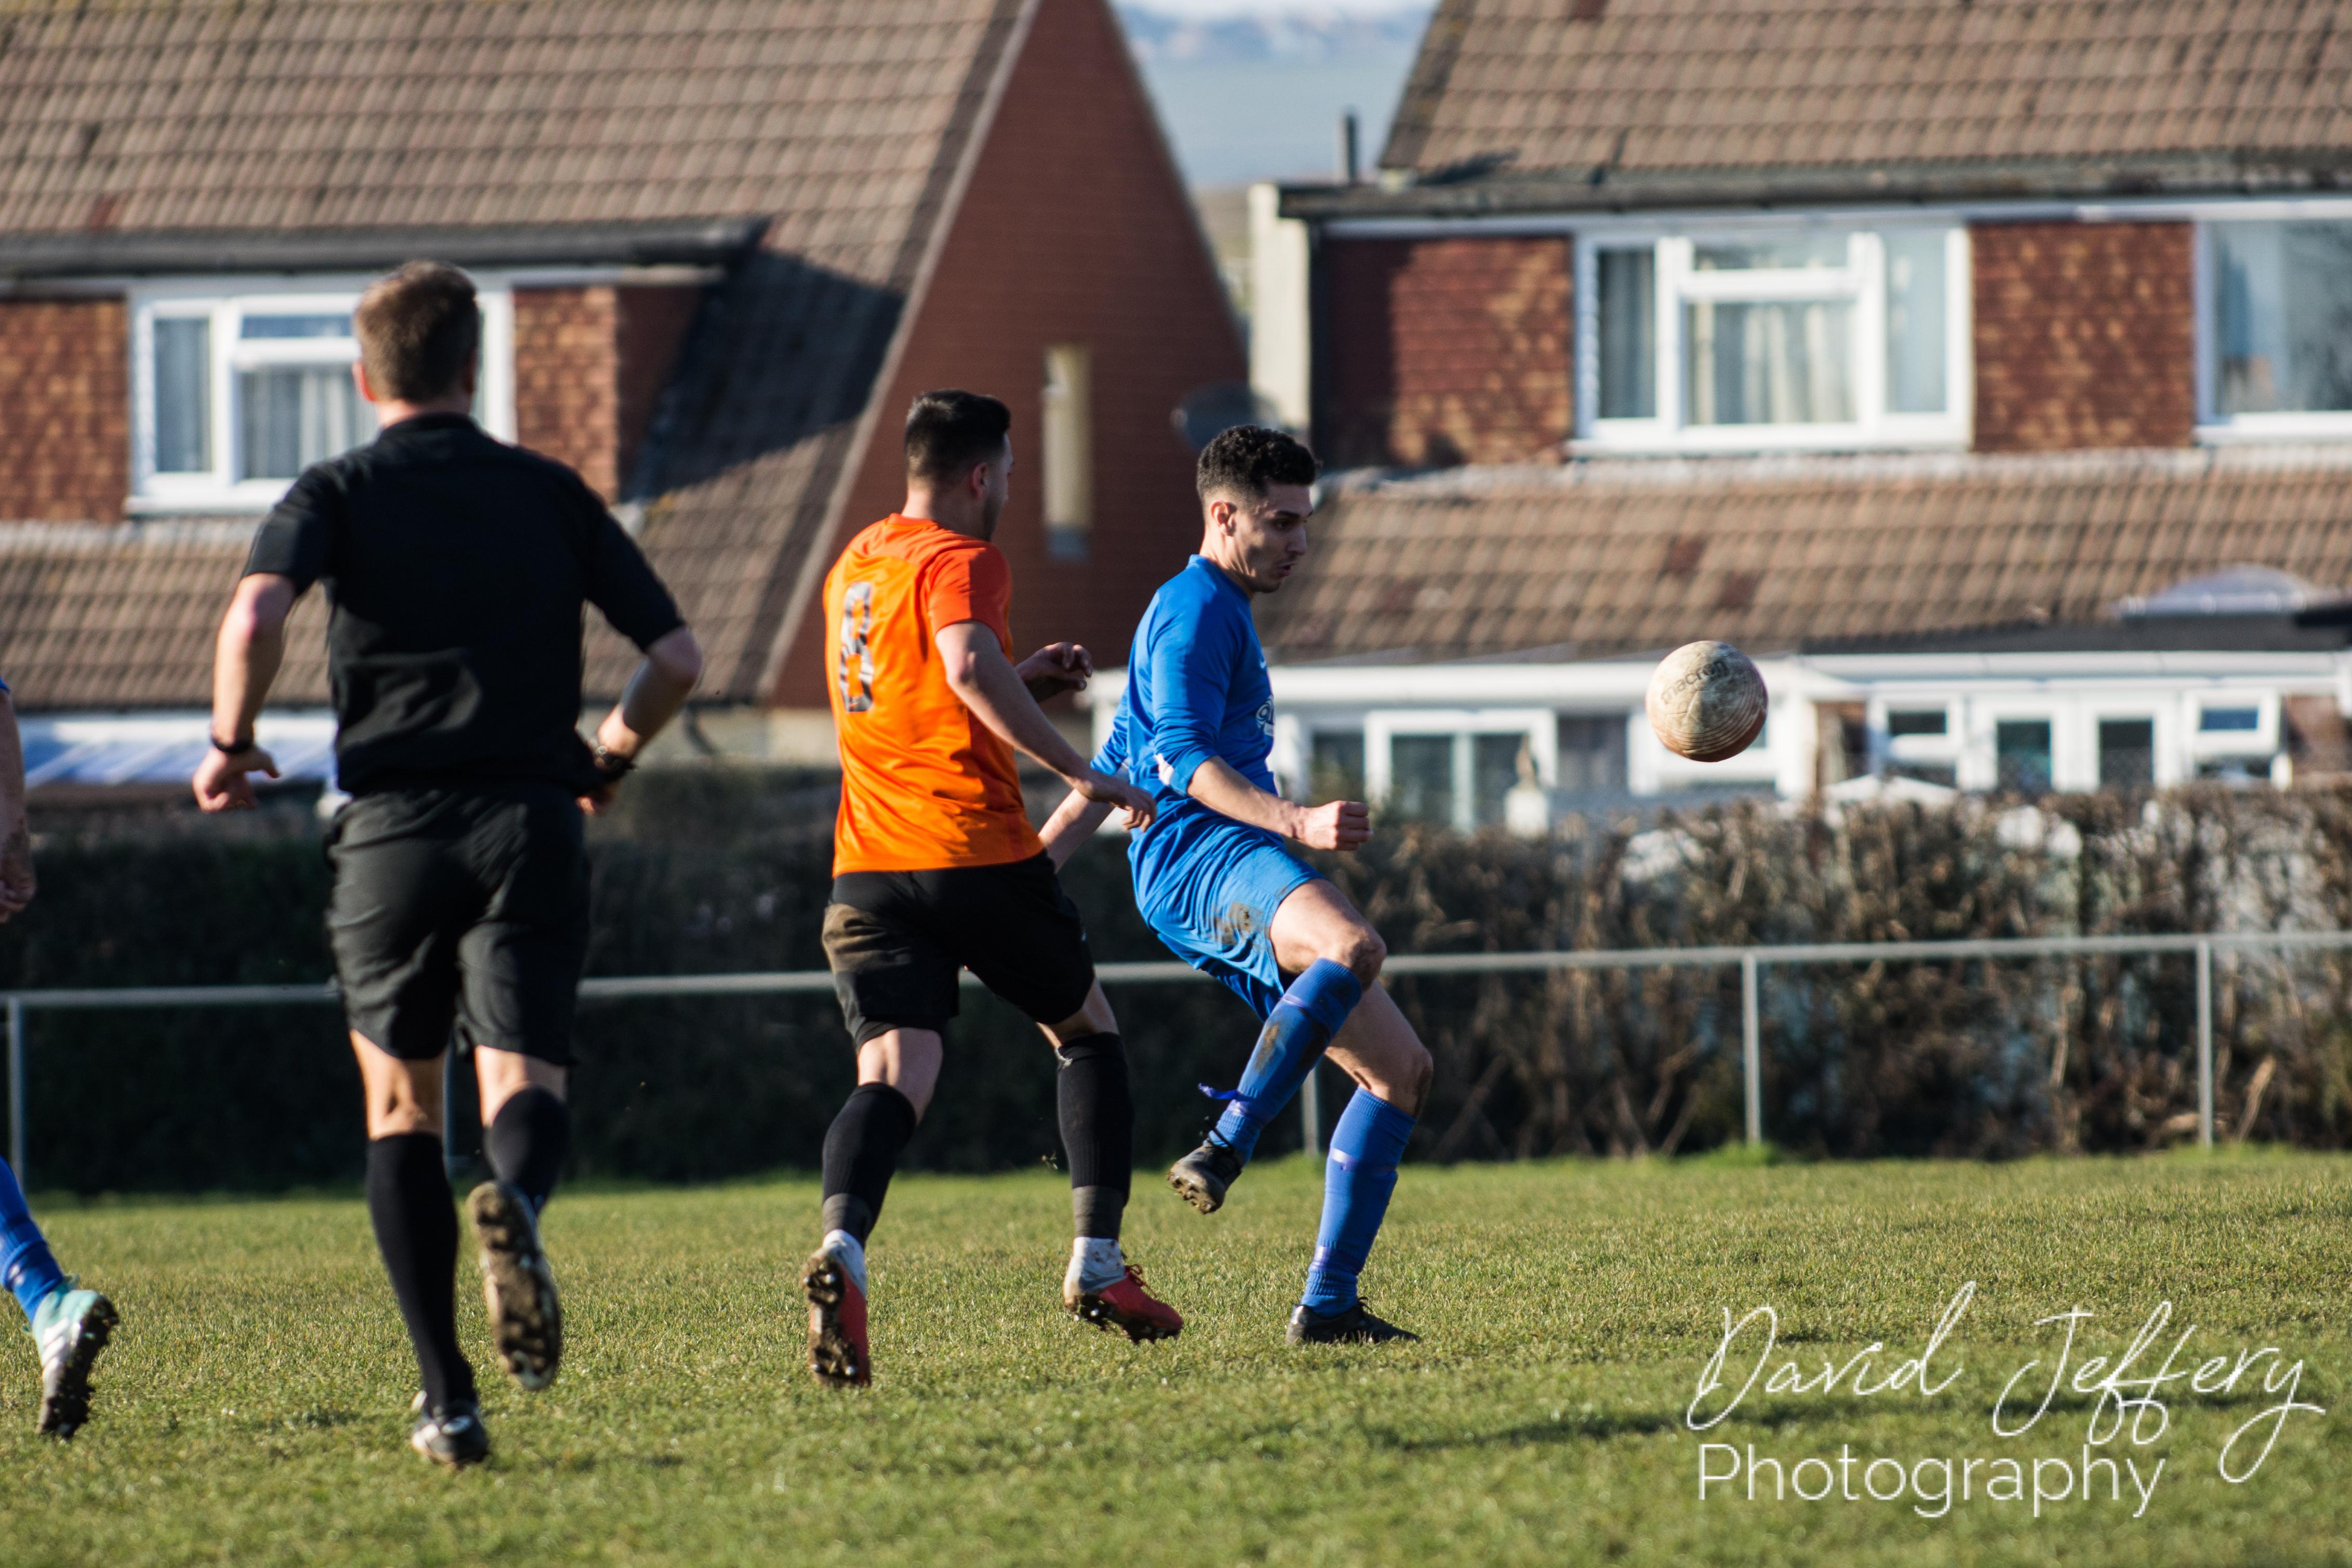 DAVID_JEFFERY MOFC vs Storrington 029